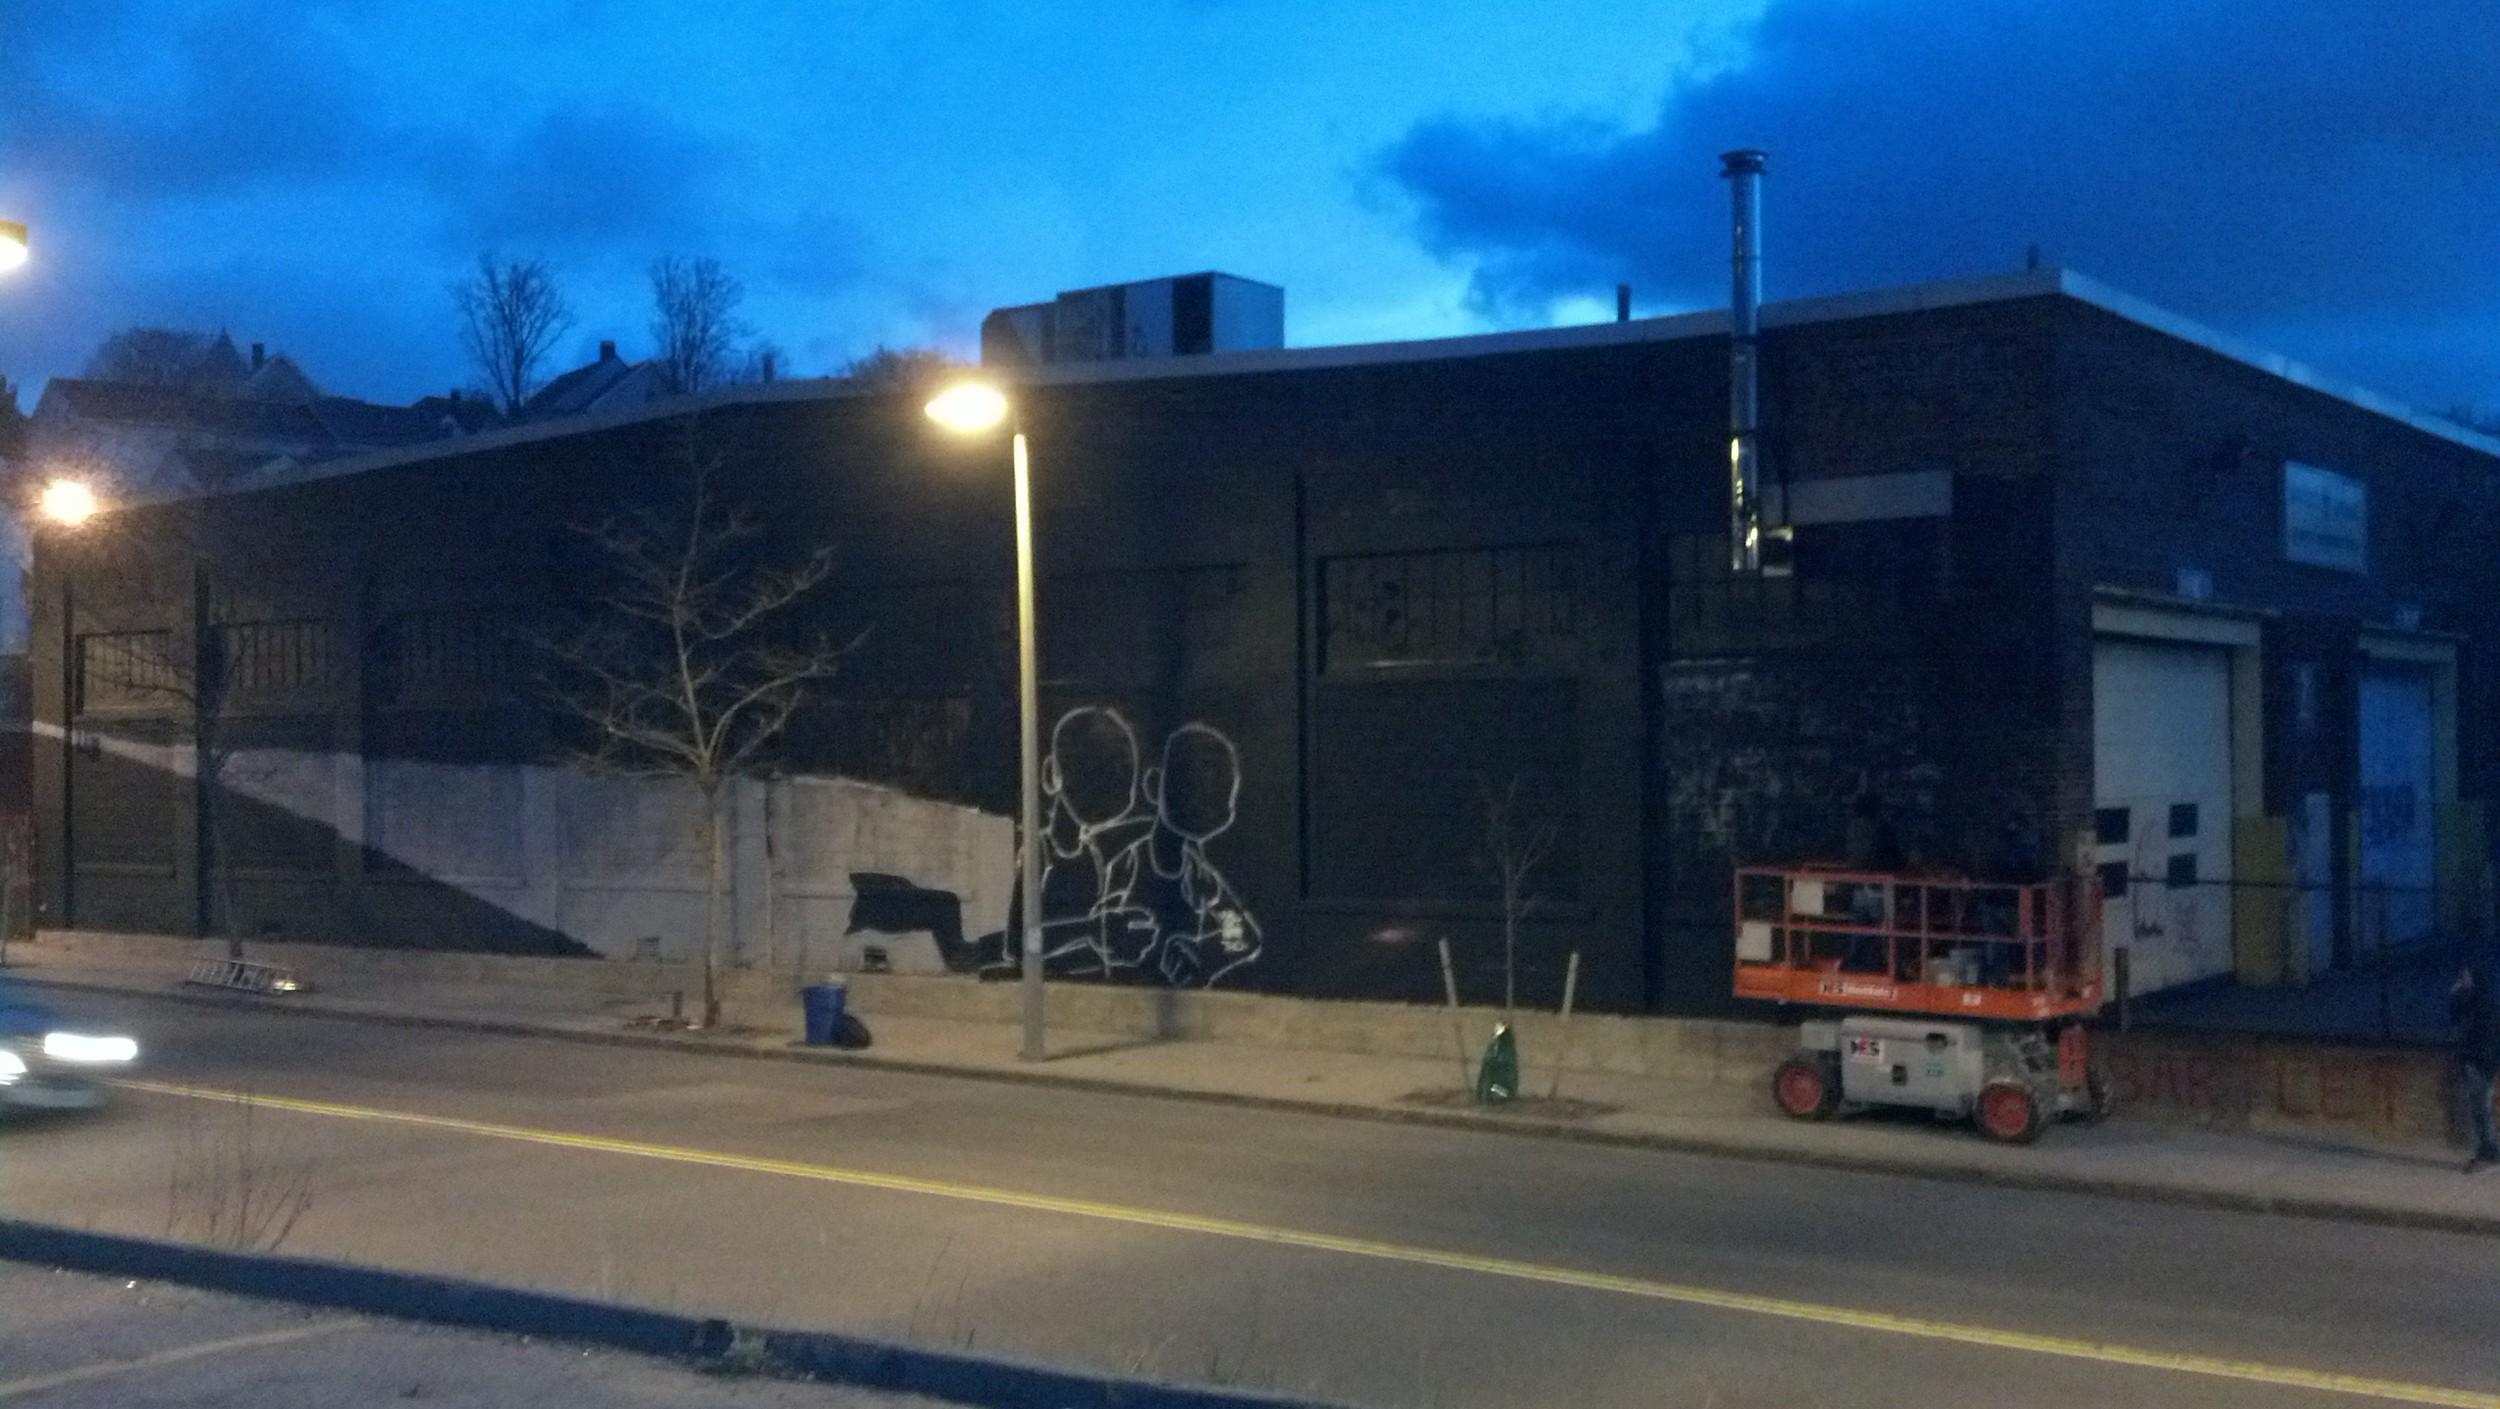 The Wall of Hope takes shape on Washington Street.